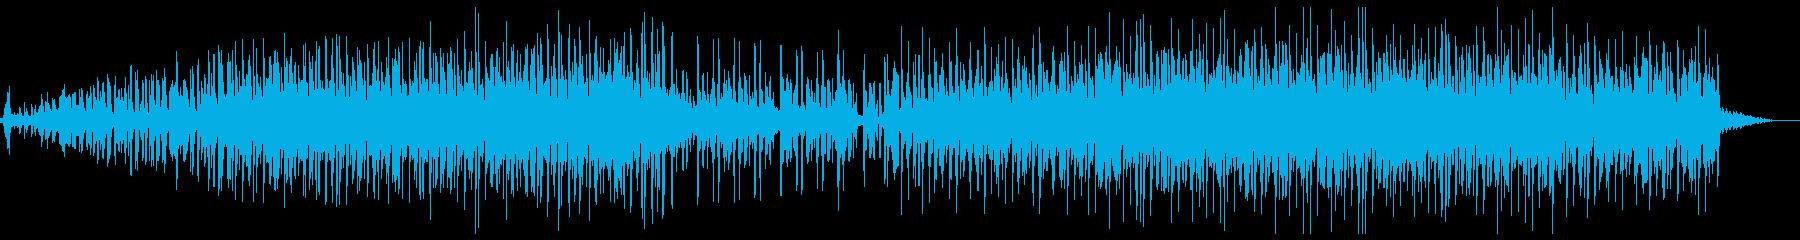 不思議な感じのテクノトラップの再生済みの波形